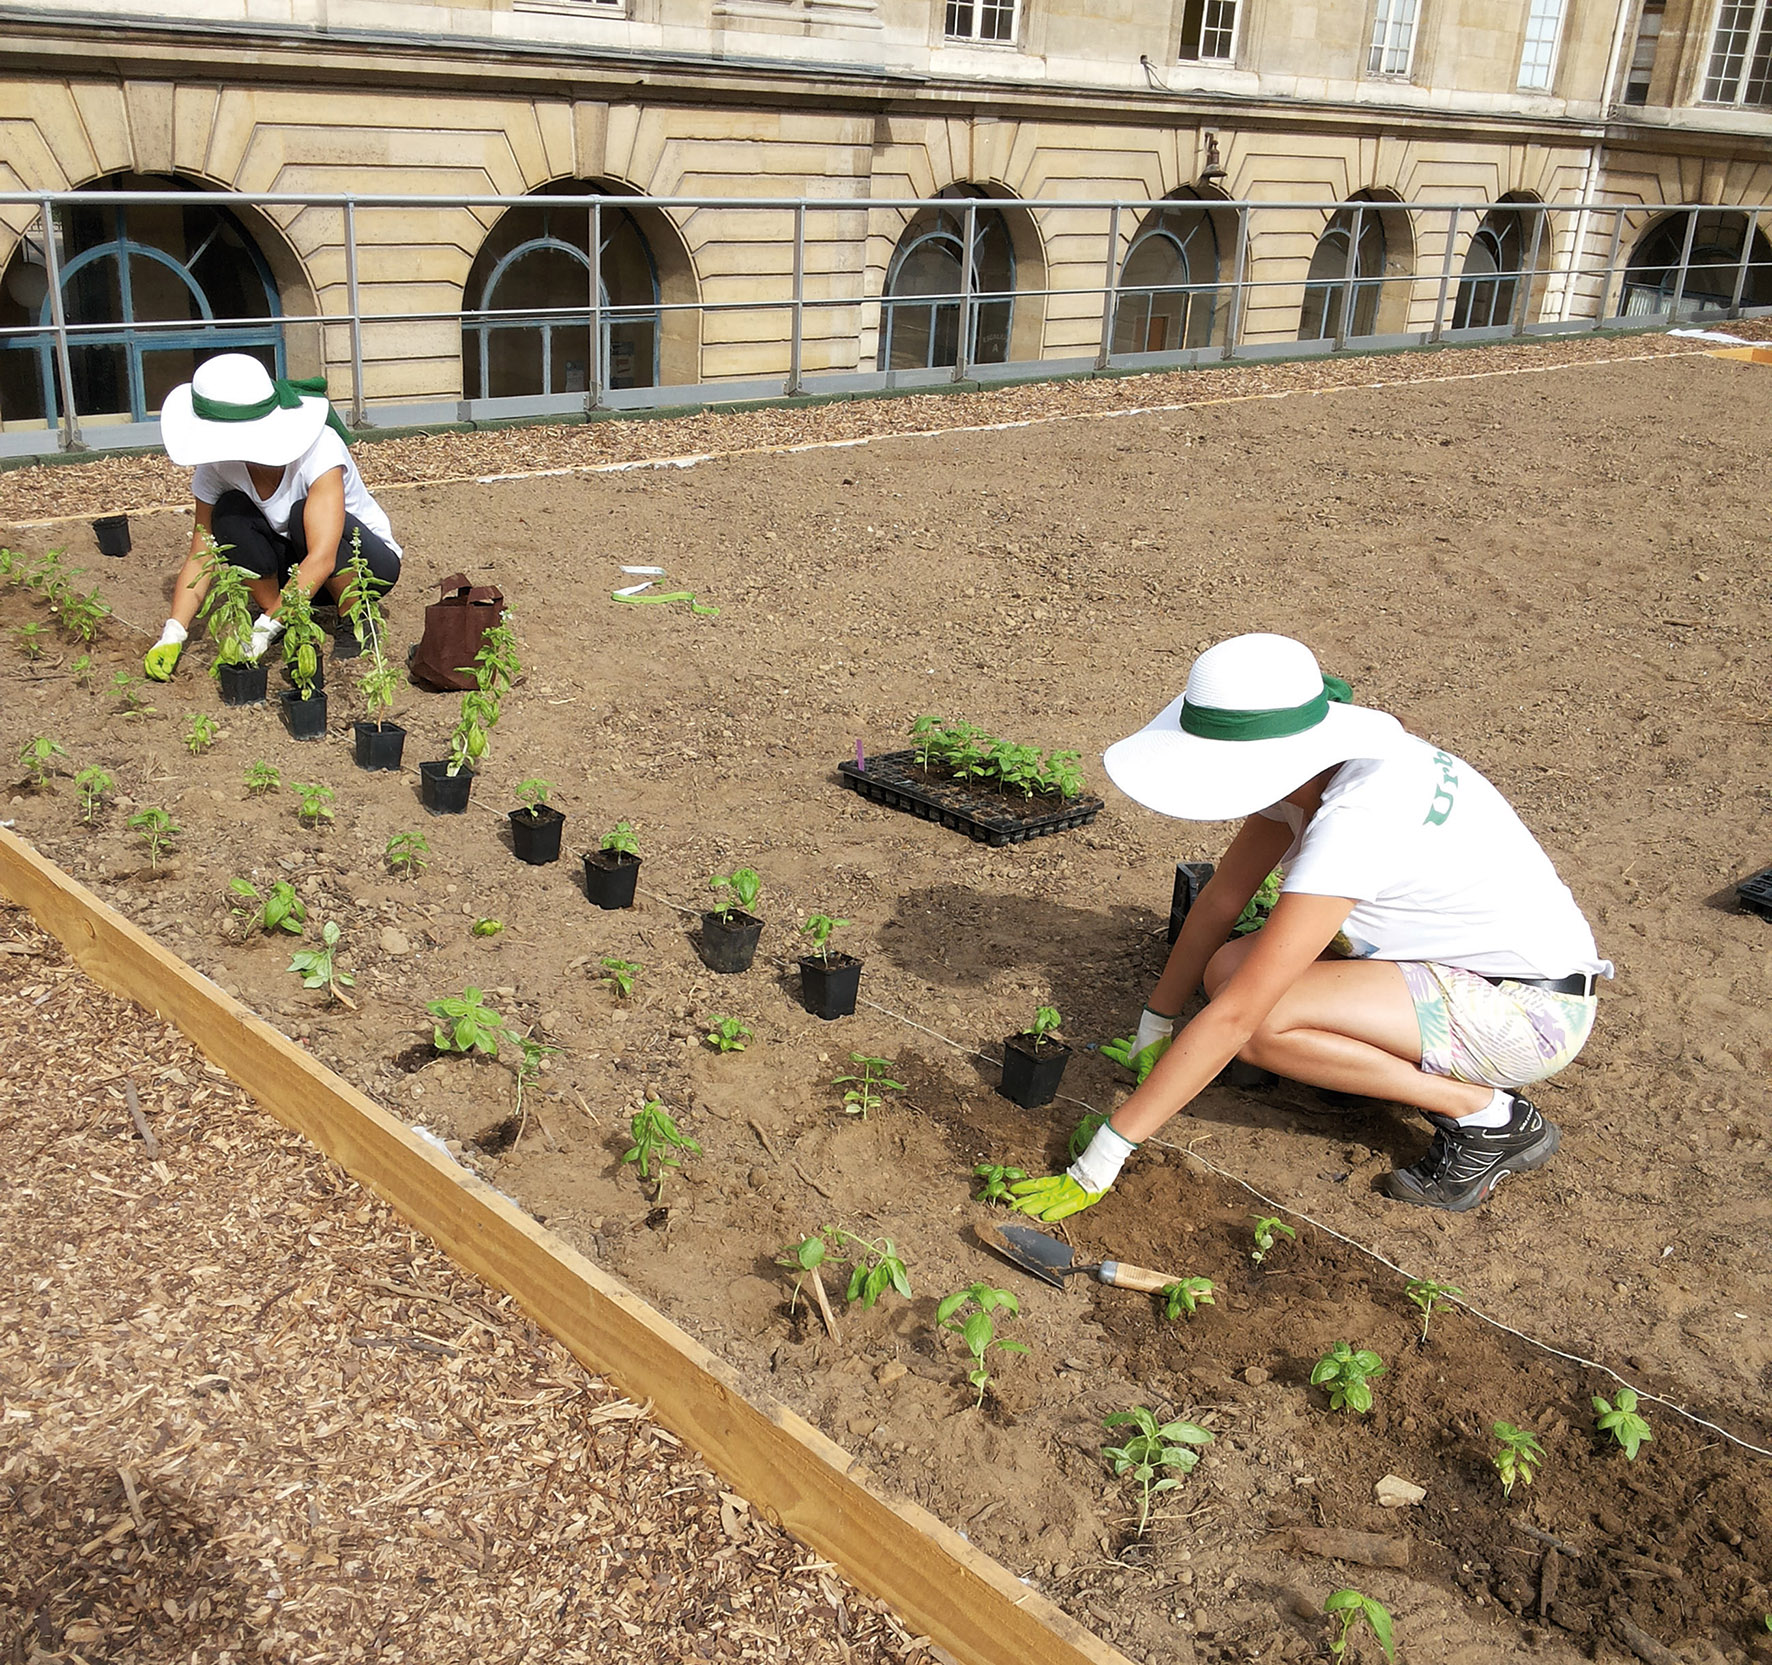 Deux jeunes femmes en tenue de jardiner plante du basilic sur un toit terrasse transformé en jardin.